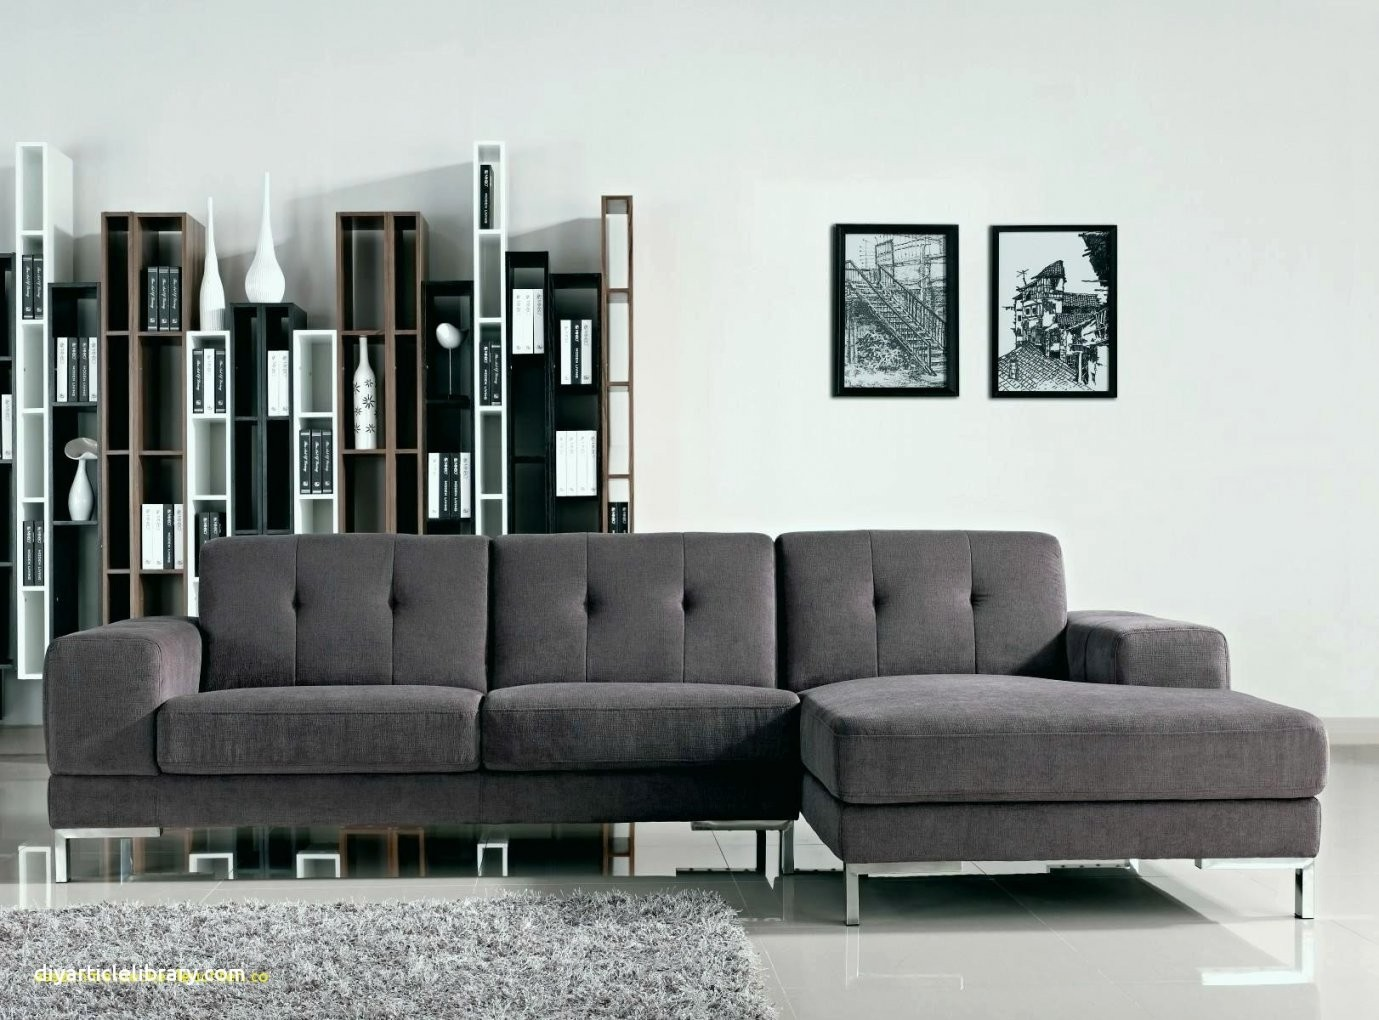 Landhausstil Sofa Genial Esszimmer Sofa 3 Sitzer Einzigartig Awesome von Sofa Landhausstil Gebraucht Bild